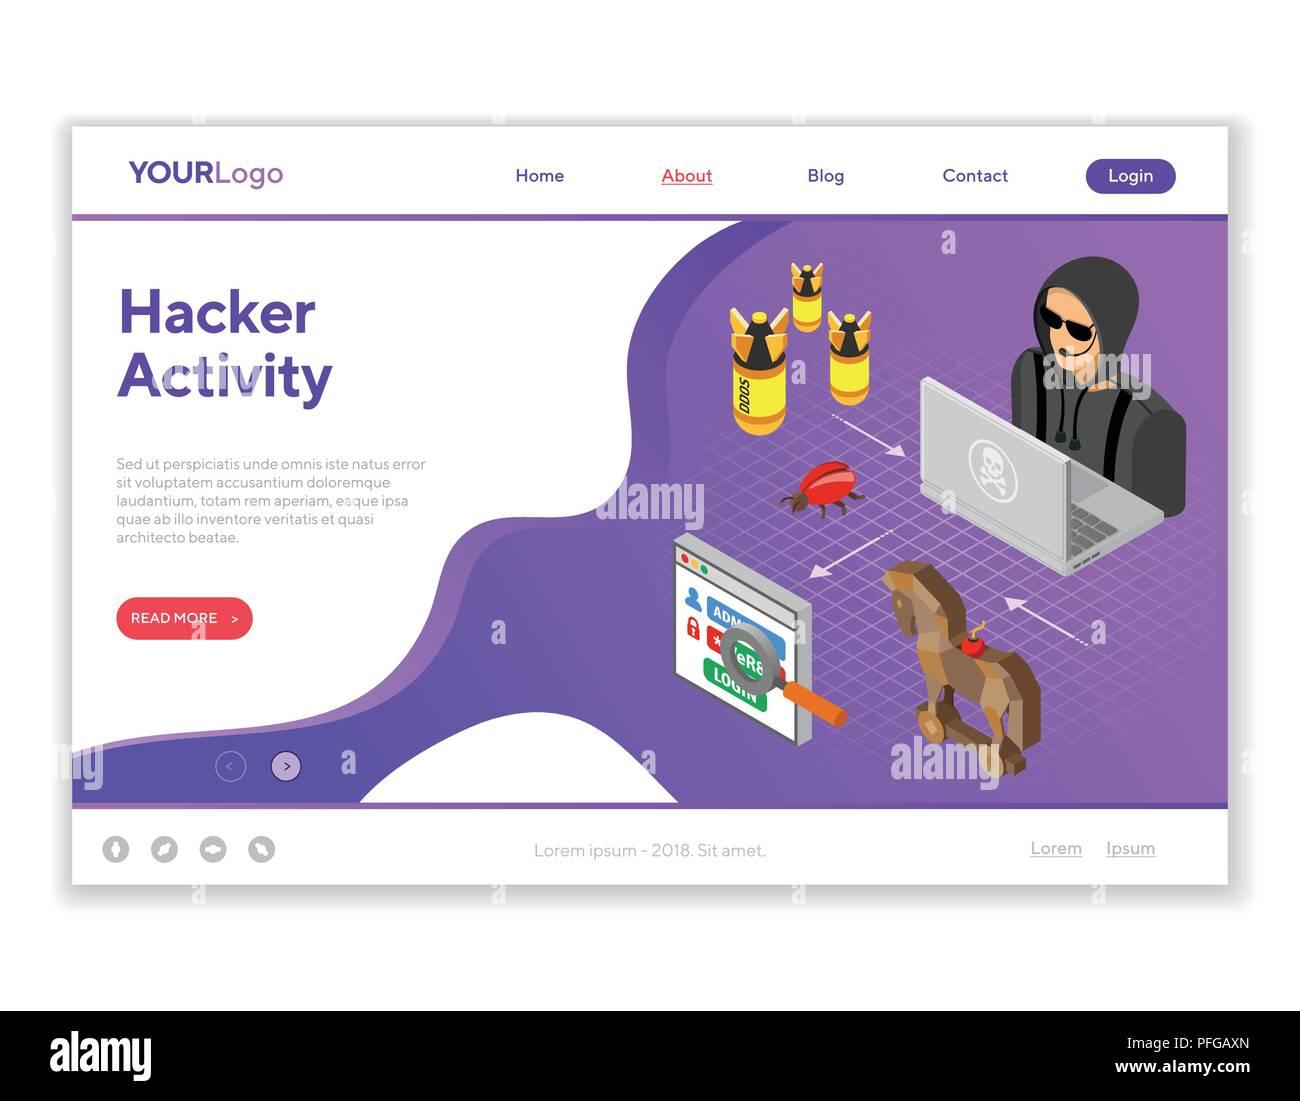 Hacker Nozione di attività isometrica, Immagini Stock